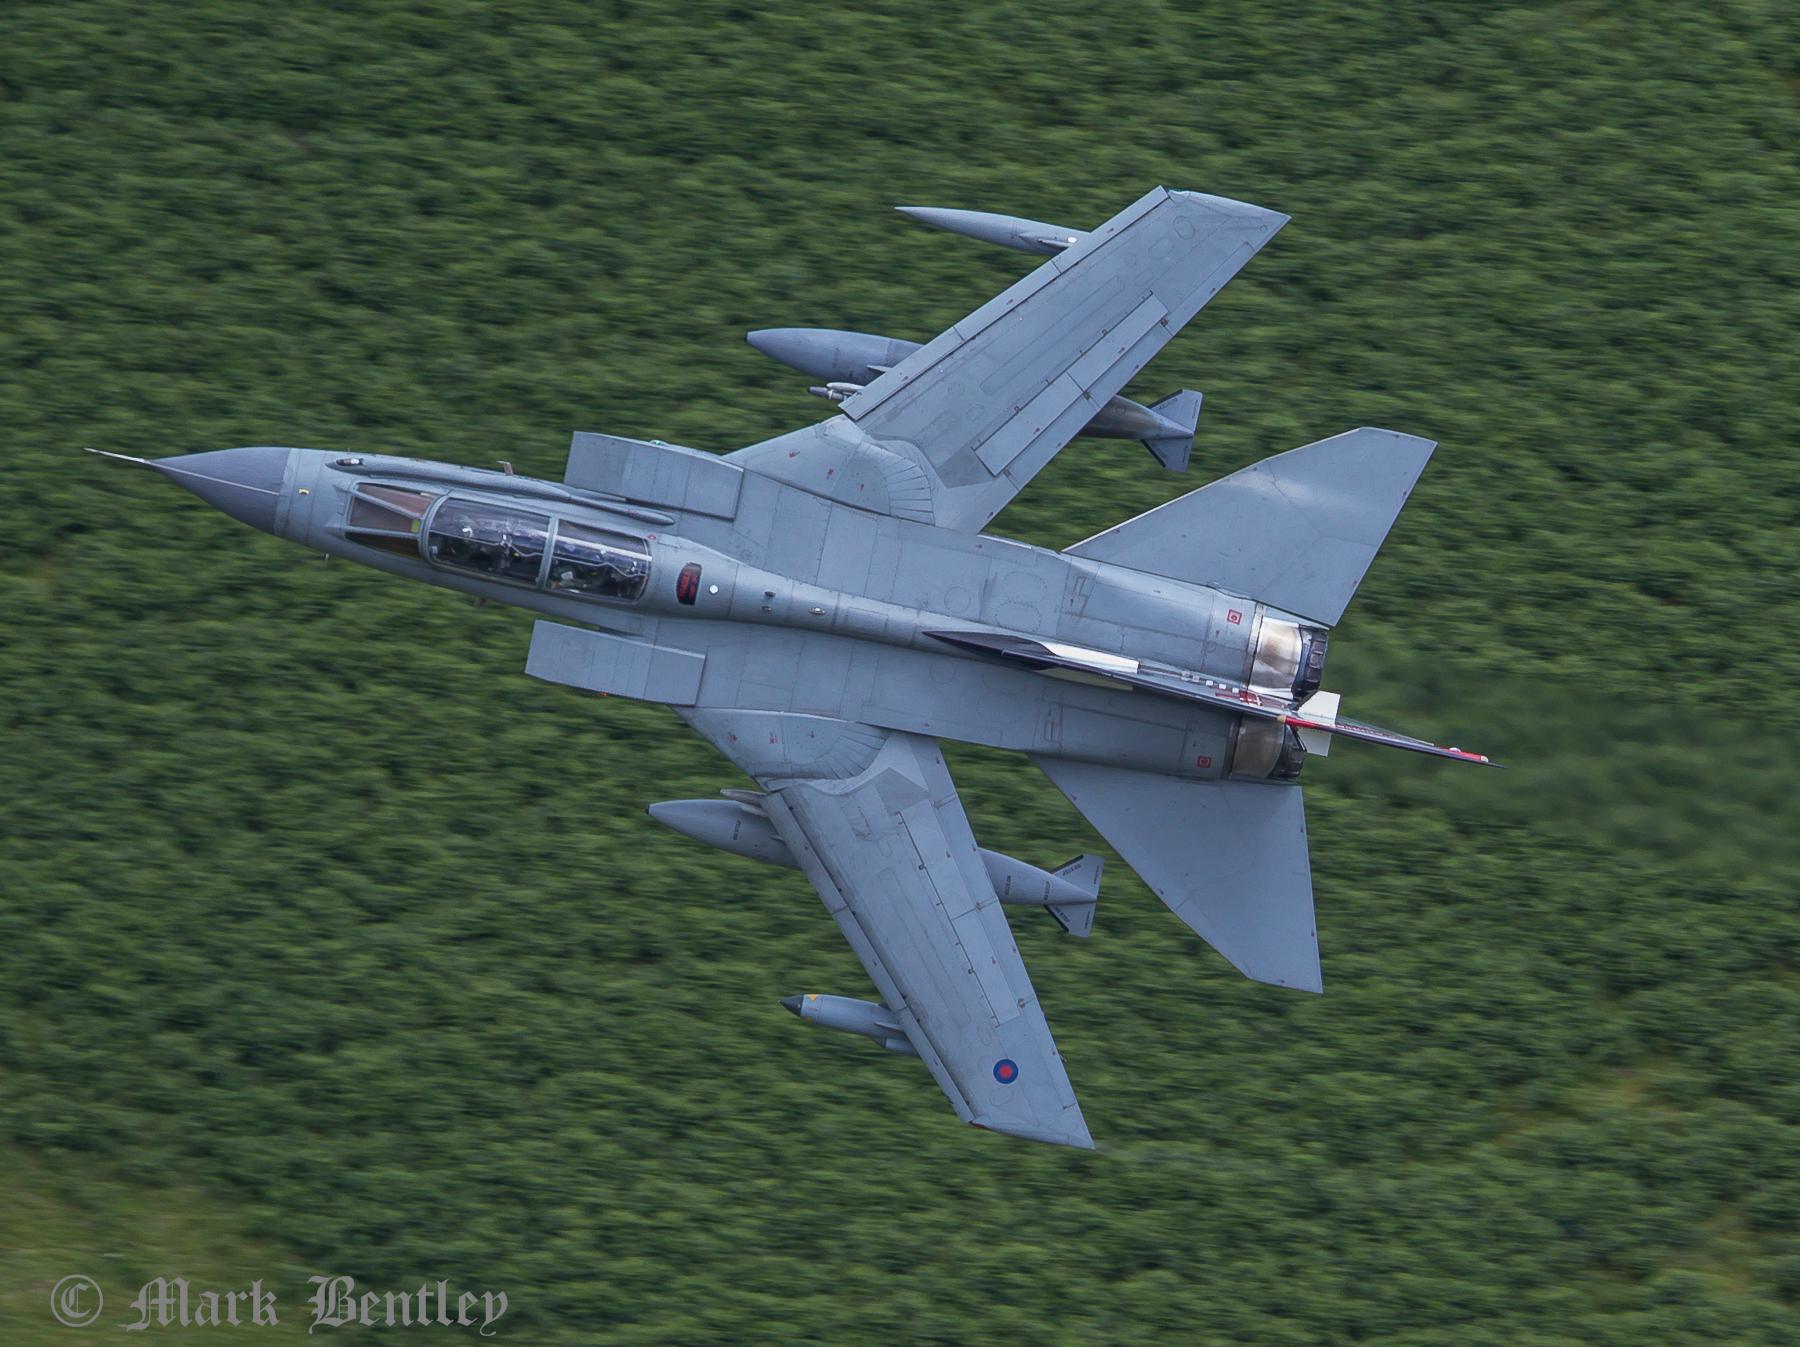 025 RAF Tornado